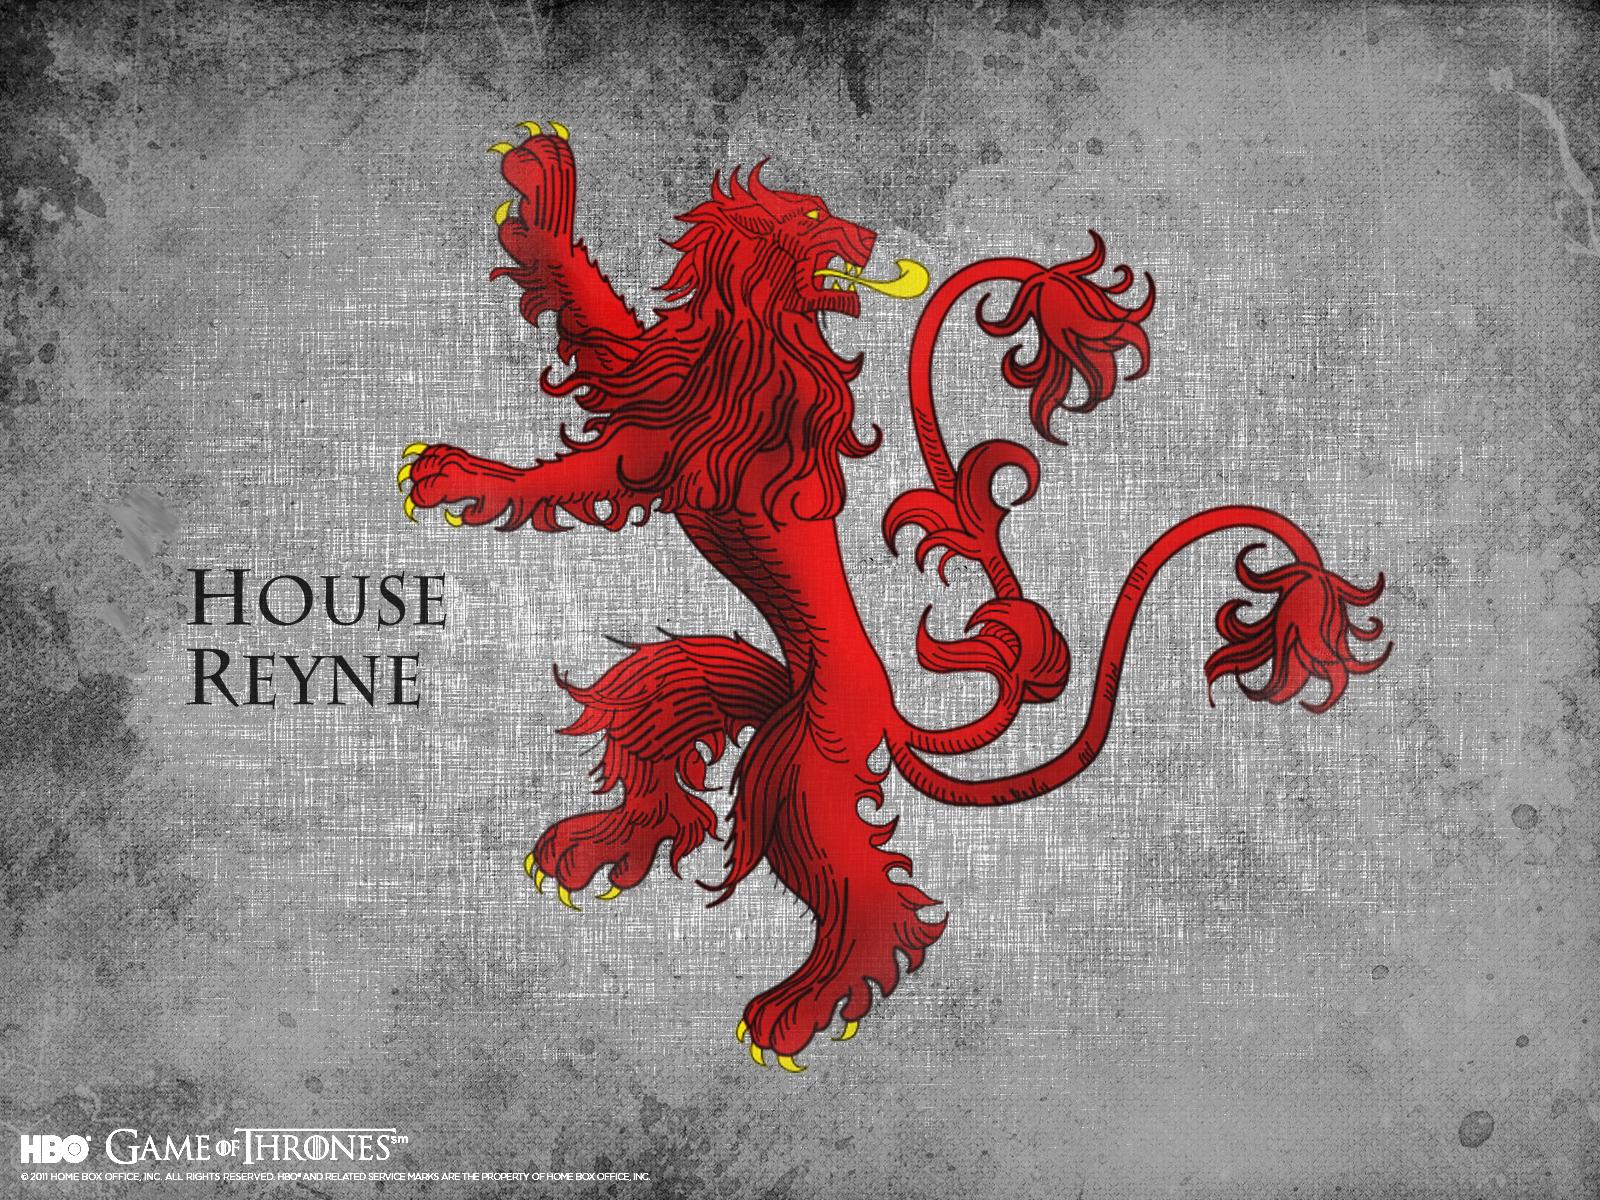 House Reyne